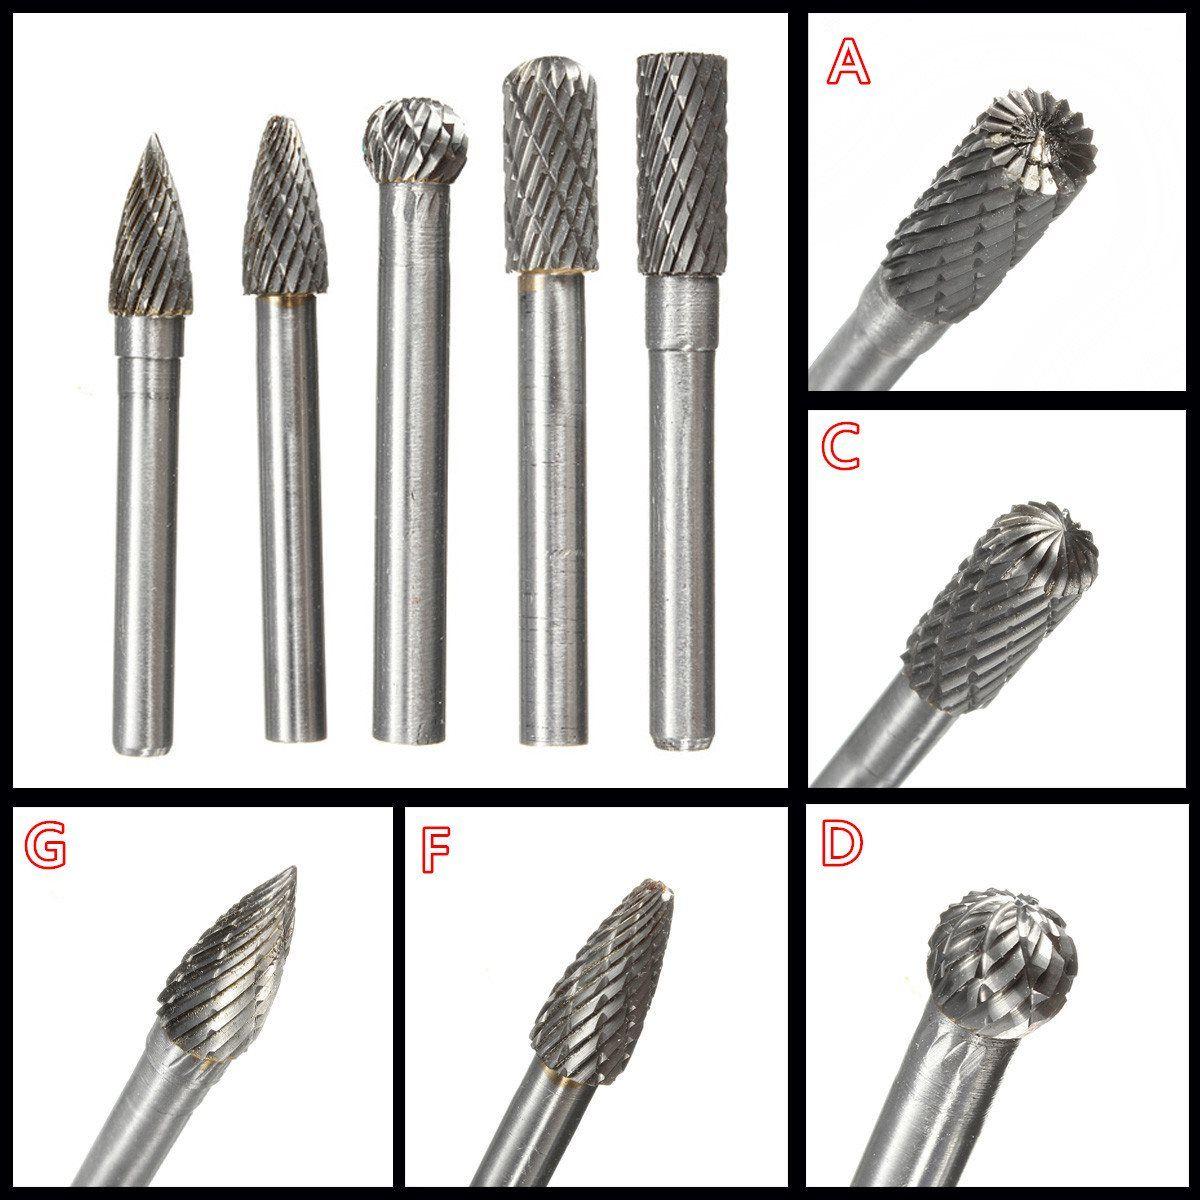 1 STÜCK Typ A/C/D/F/G 6*8 MM Kopf Hartmetall-dreh werkzeug Punkt Grat Sterben Grinder Schleifwerkzeuge Bohrer Fräsen Carving Bit Werkzeuge